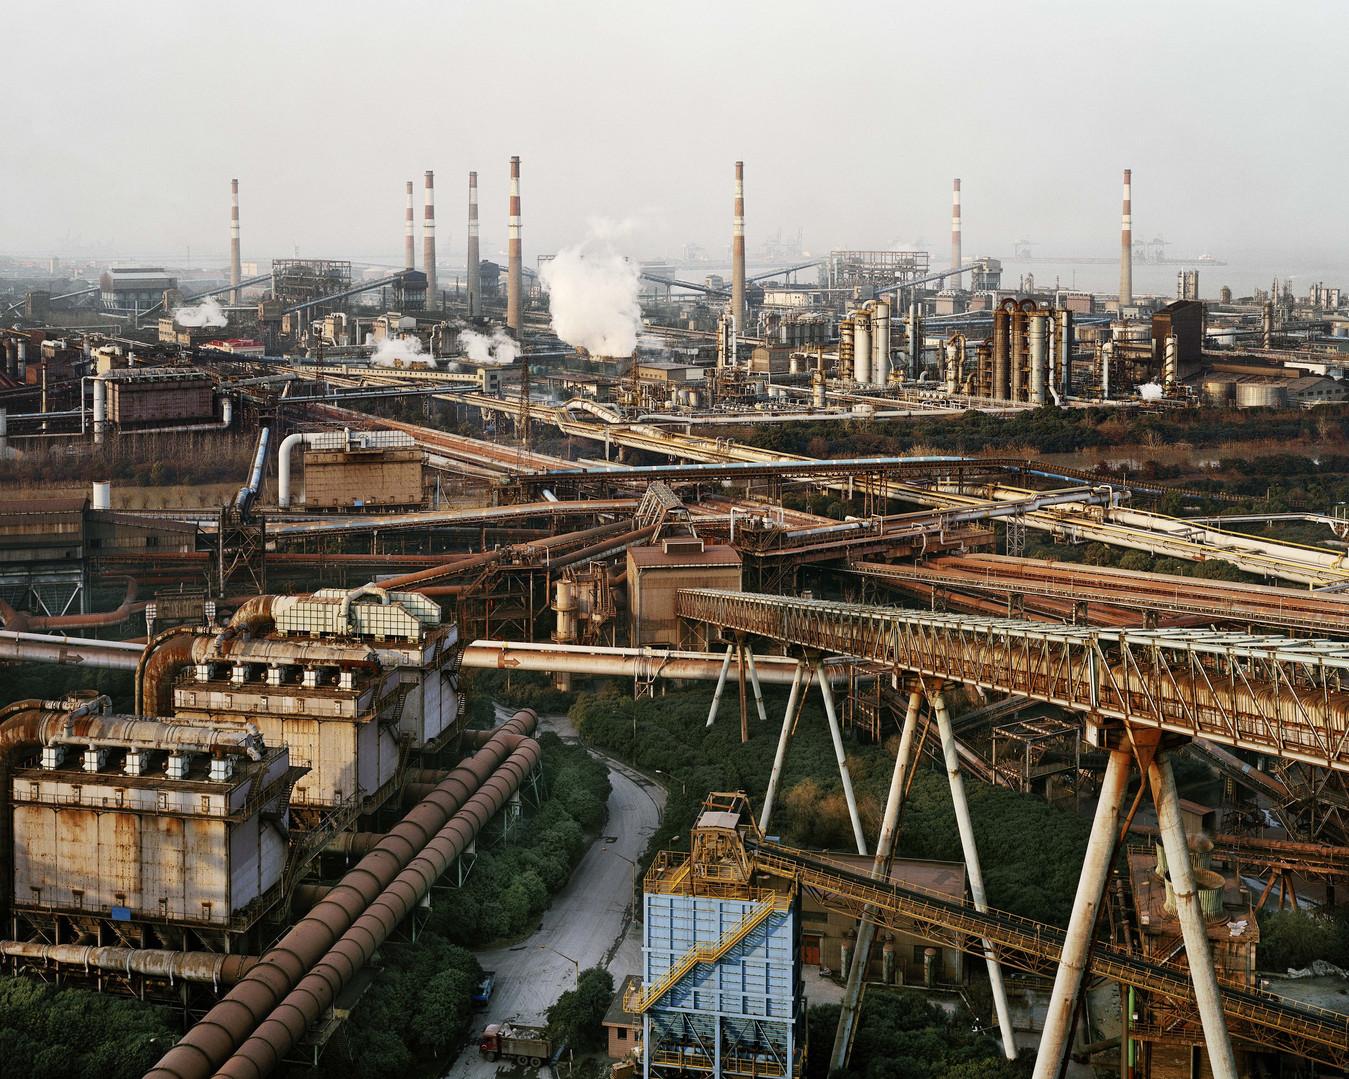 Edward-Burtynsky-Bao-Steel-2-Shanghai-Ch